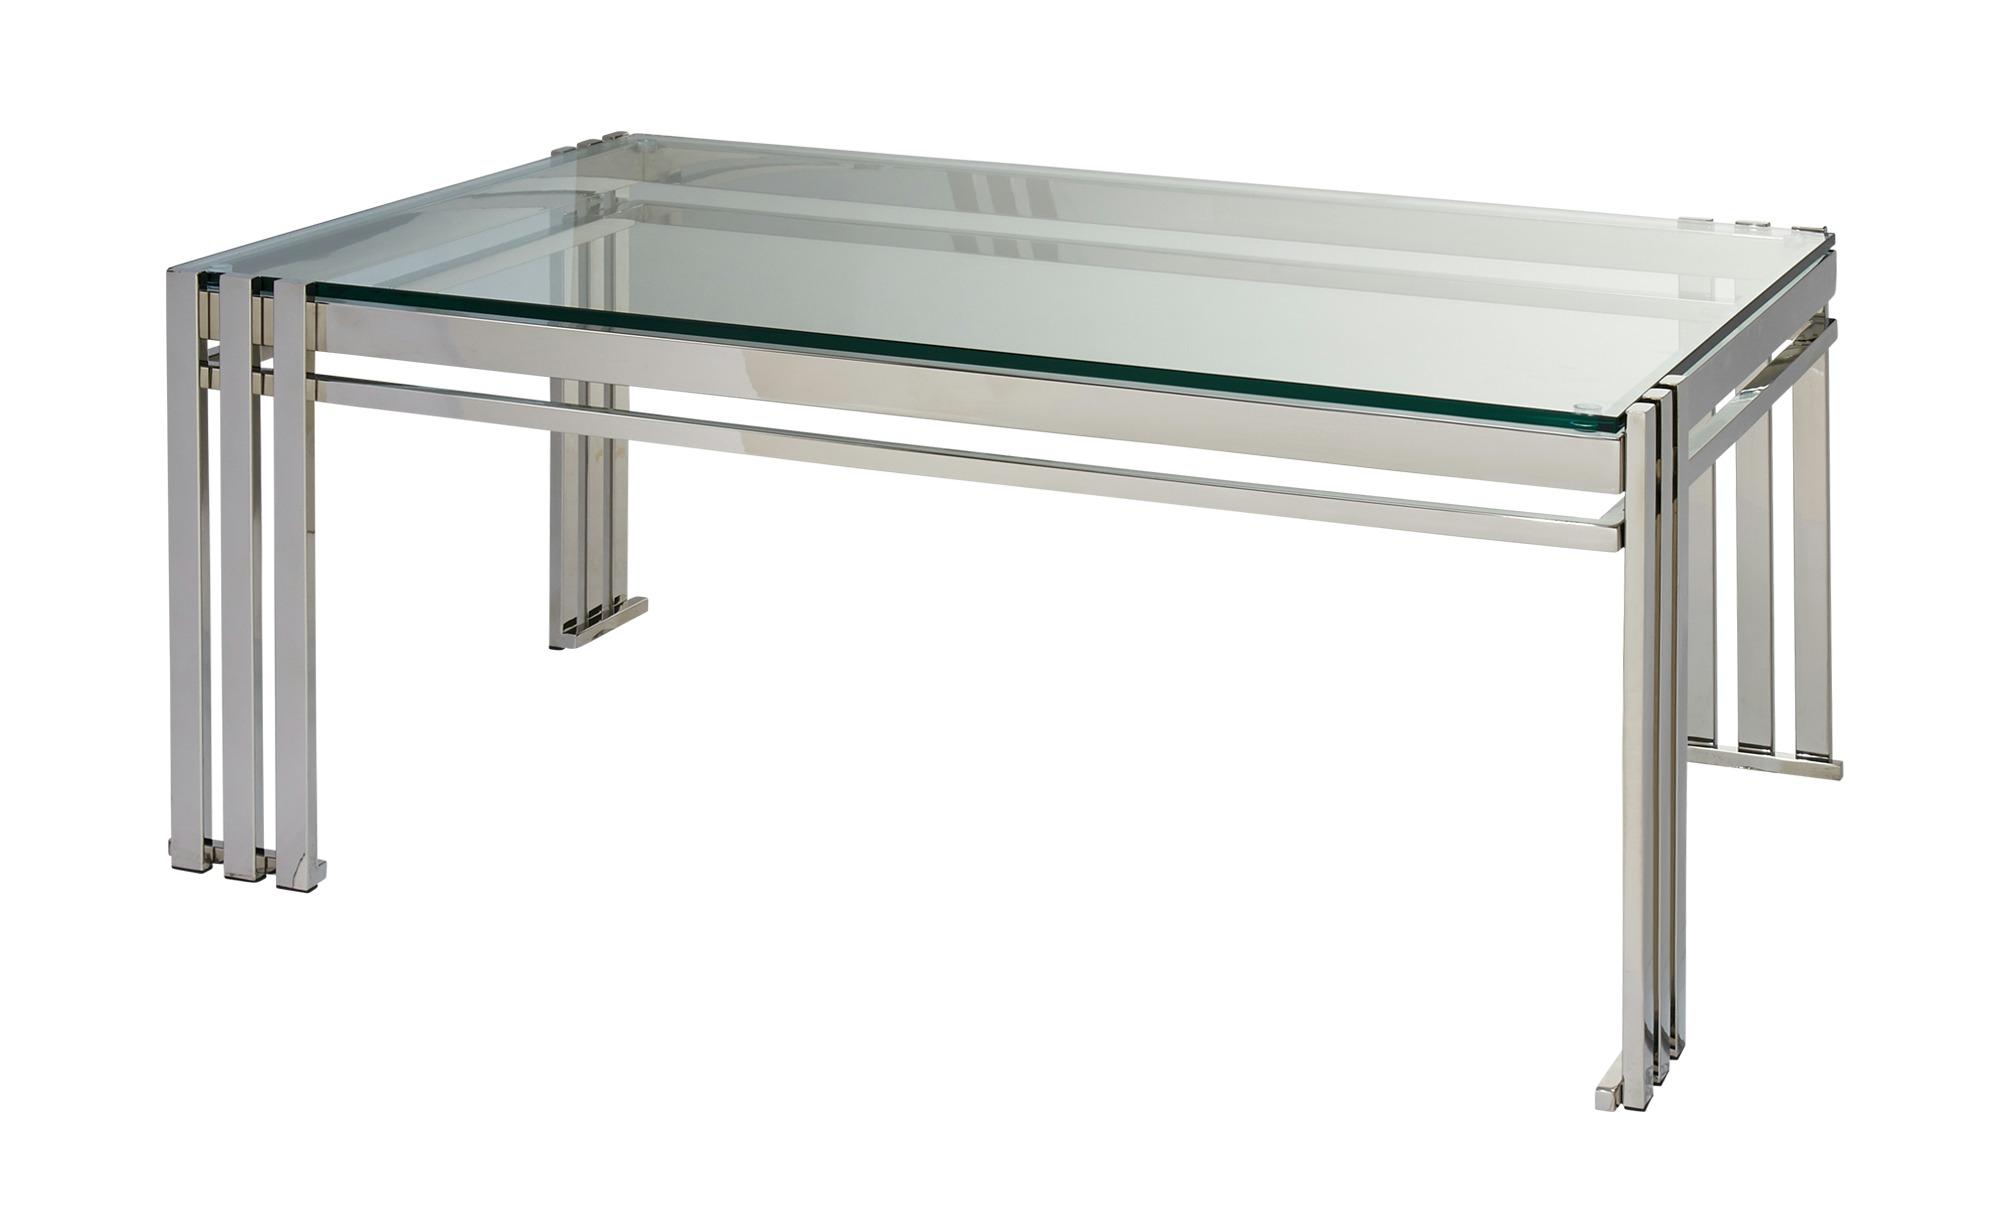 Couchtisch  Tristan ¦ transparent/klar ¦ Maße (cm): B: 120 H: 48 T: 80 Tische > Couchtische > Couchtische rechteckig - Höffner